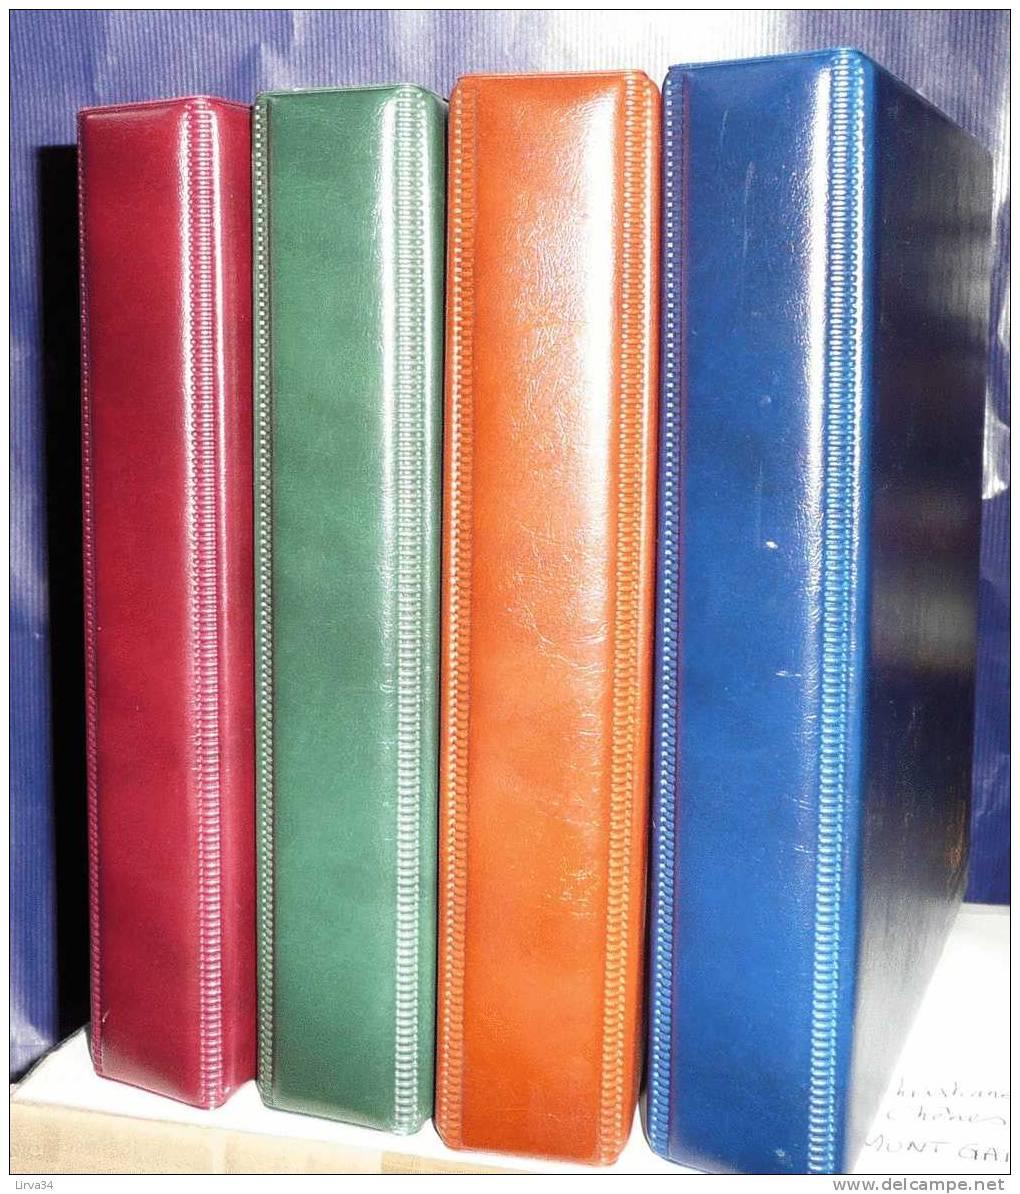 1 ALBUM POUR CLASSEMENT DES CPA- CPM- LETTRES- 20 FEUILLES INCLUSES : 4 COULEURS AU CHOIX- 6 SCANS - Supplies And Equipment